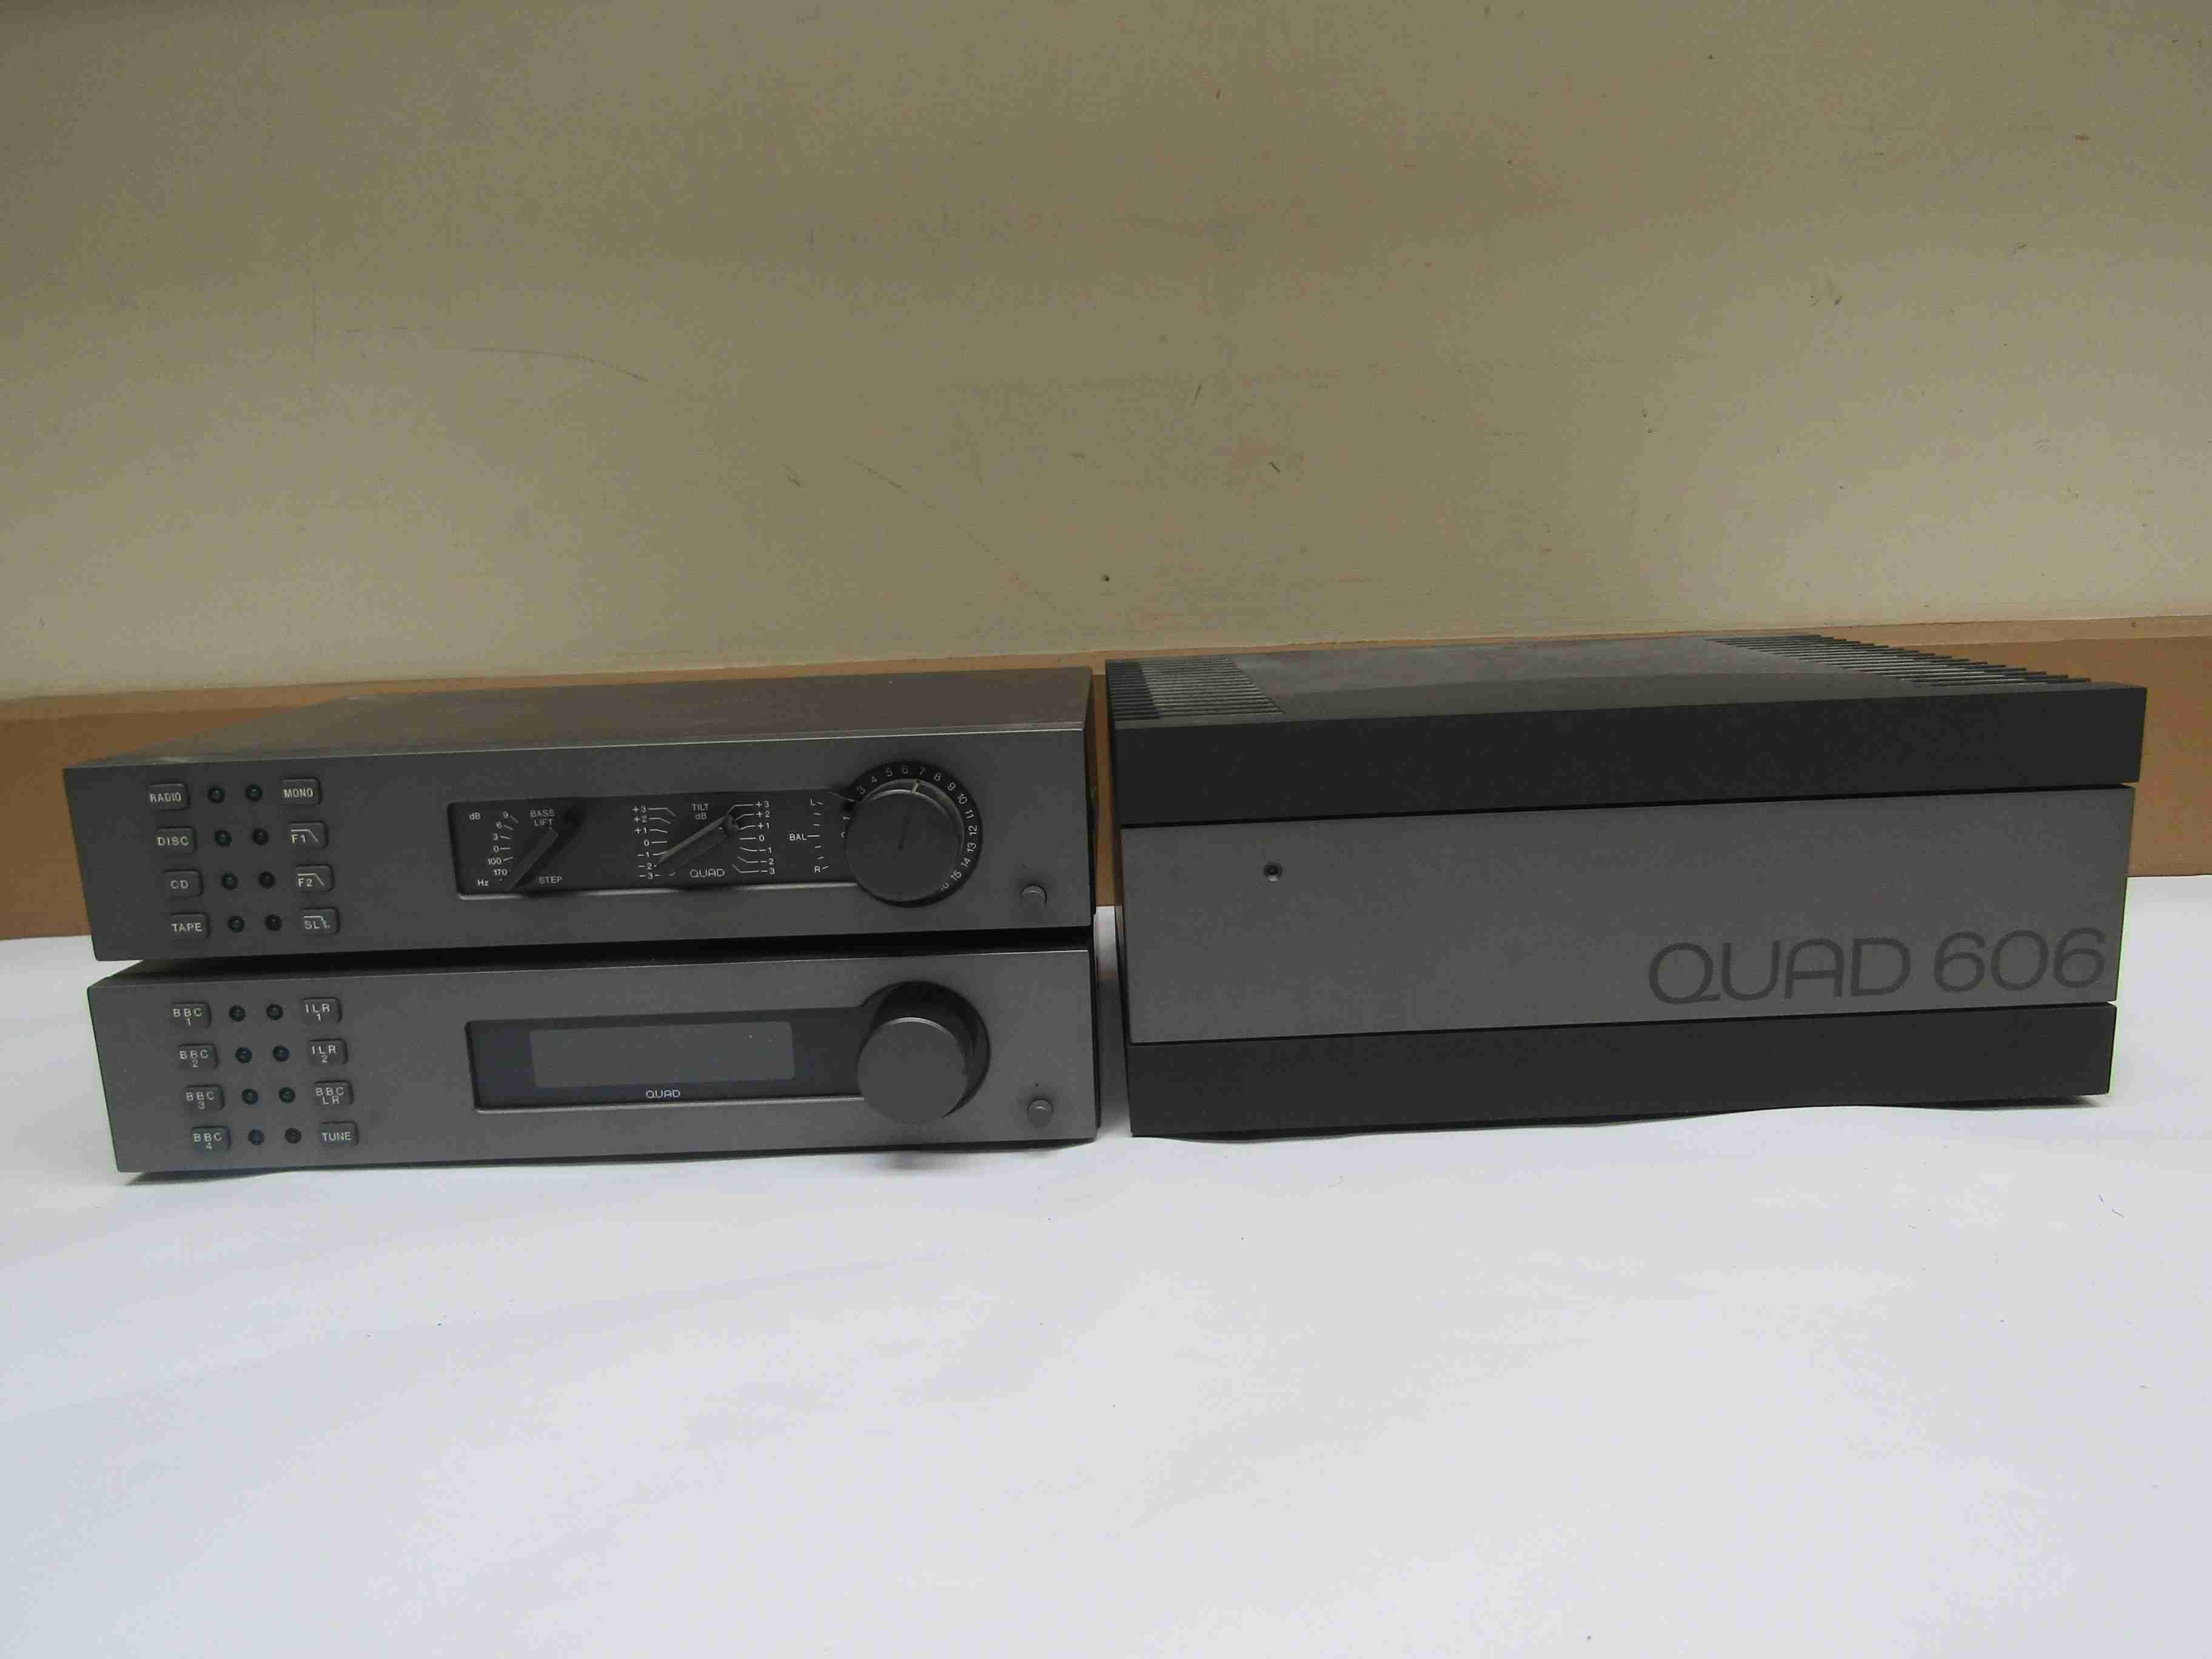 A Quad 606 power amplifier,